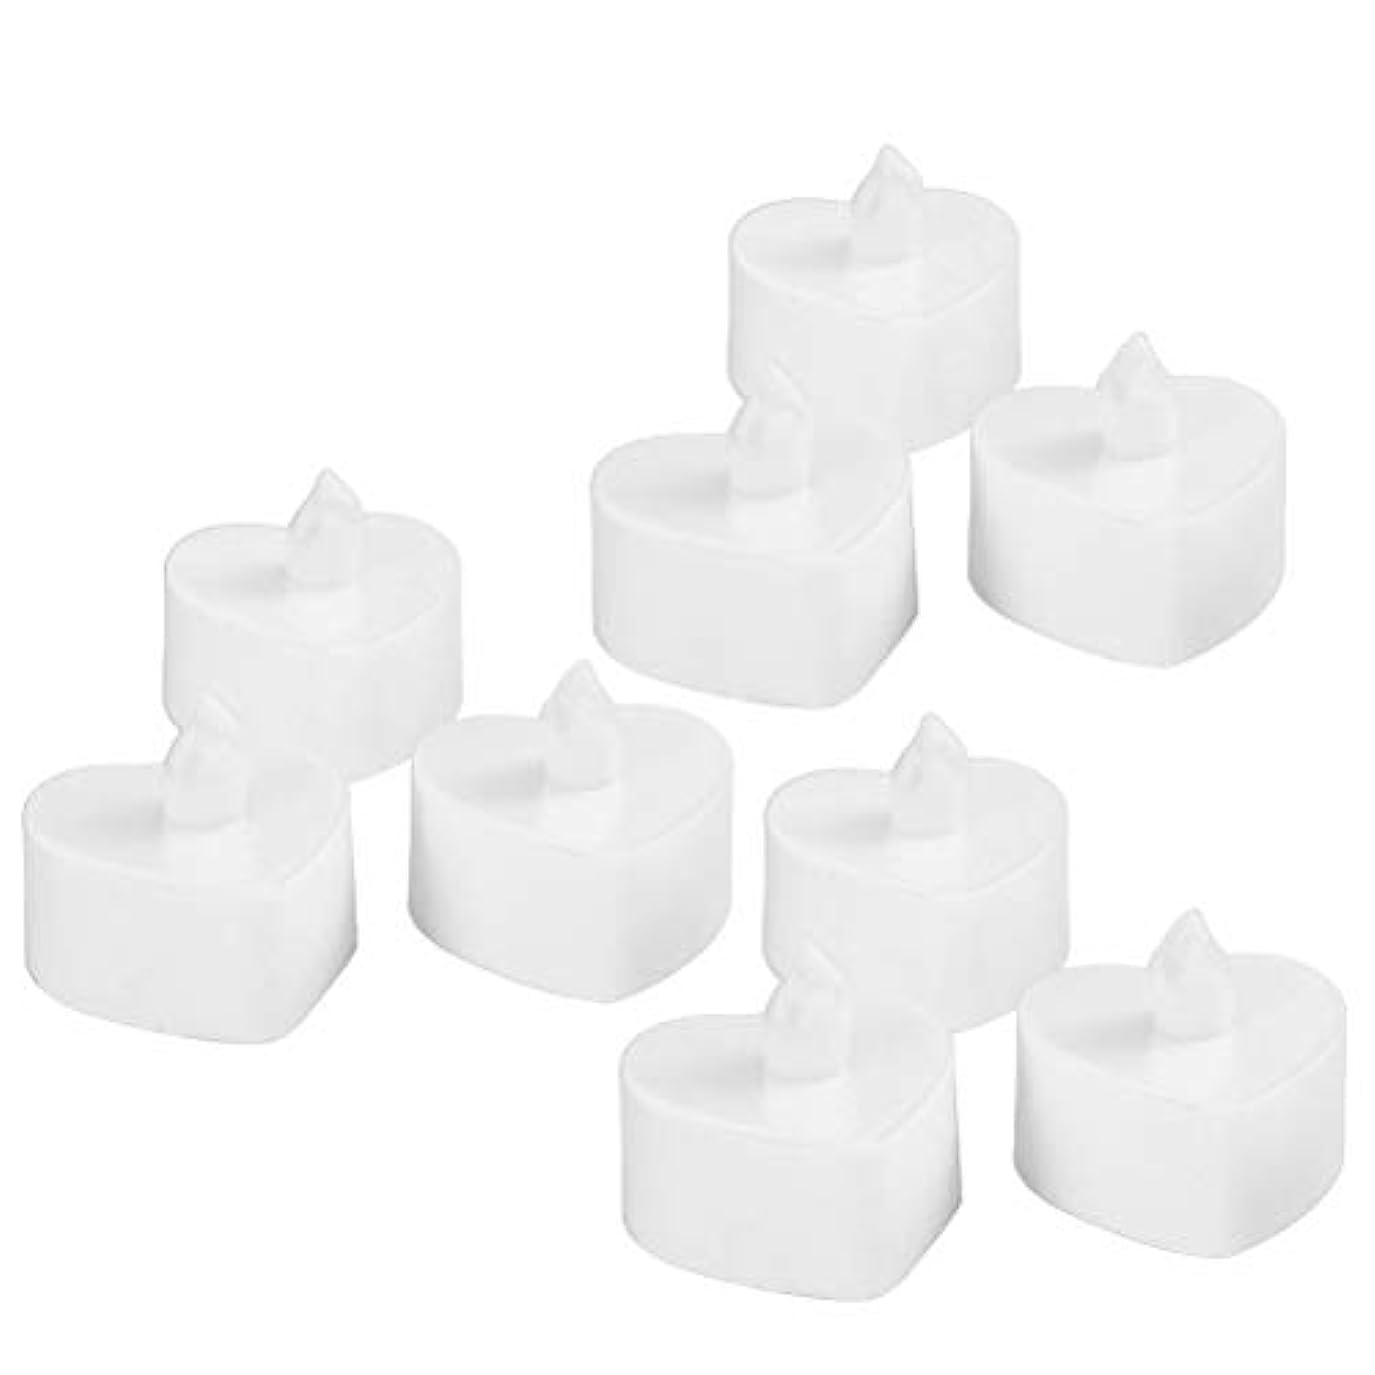 有効ヒップ反抗BESTOYARD 10個のLed茶ライトは、電池が作動する無炎Tealightキャンドル暖かい黄色のライトは、ハートシェイプのクリスマスのウェディングパーティの装飾(白いシェル、黄色のライト)